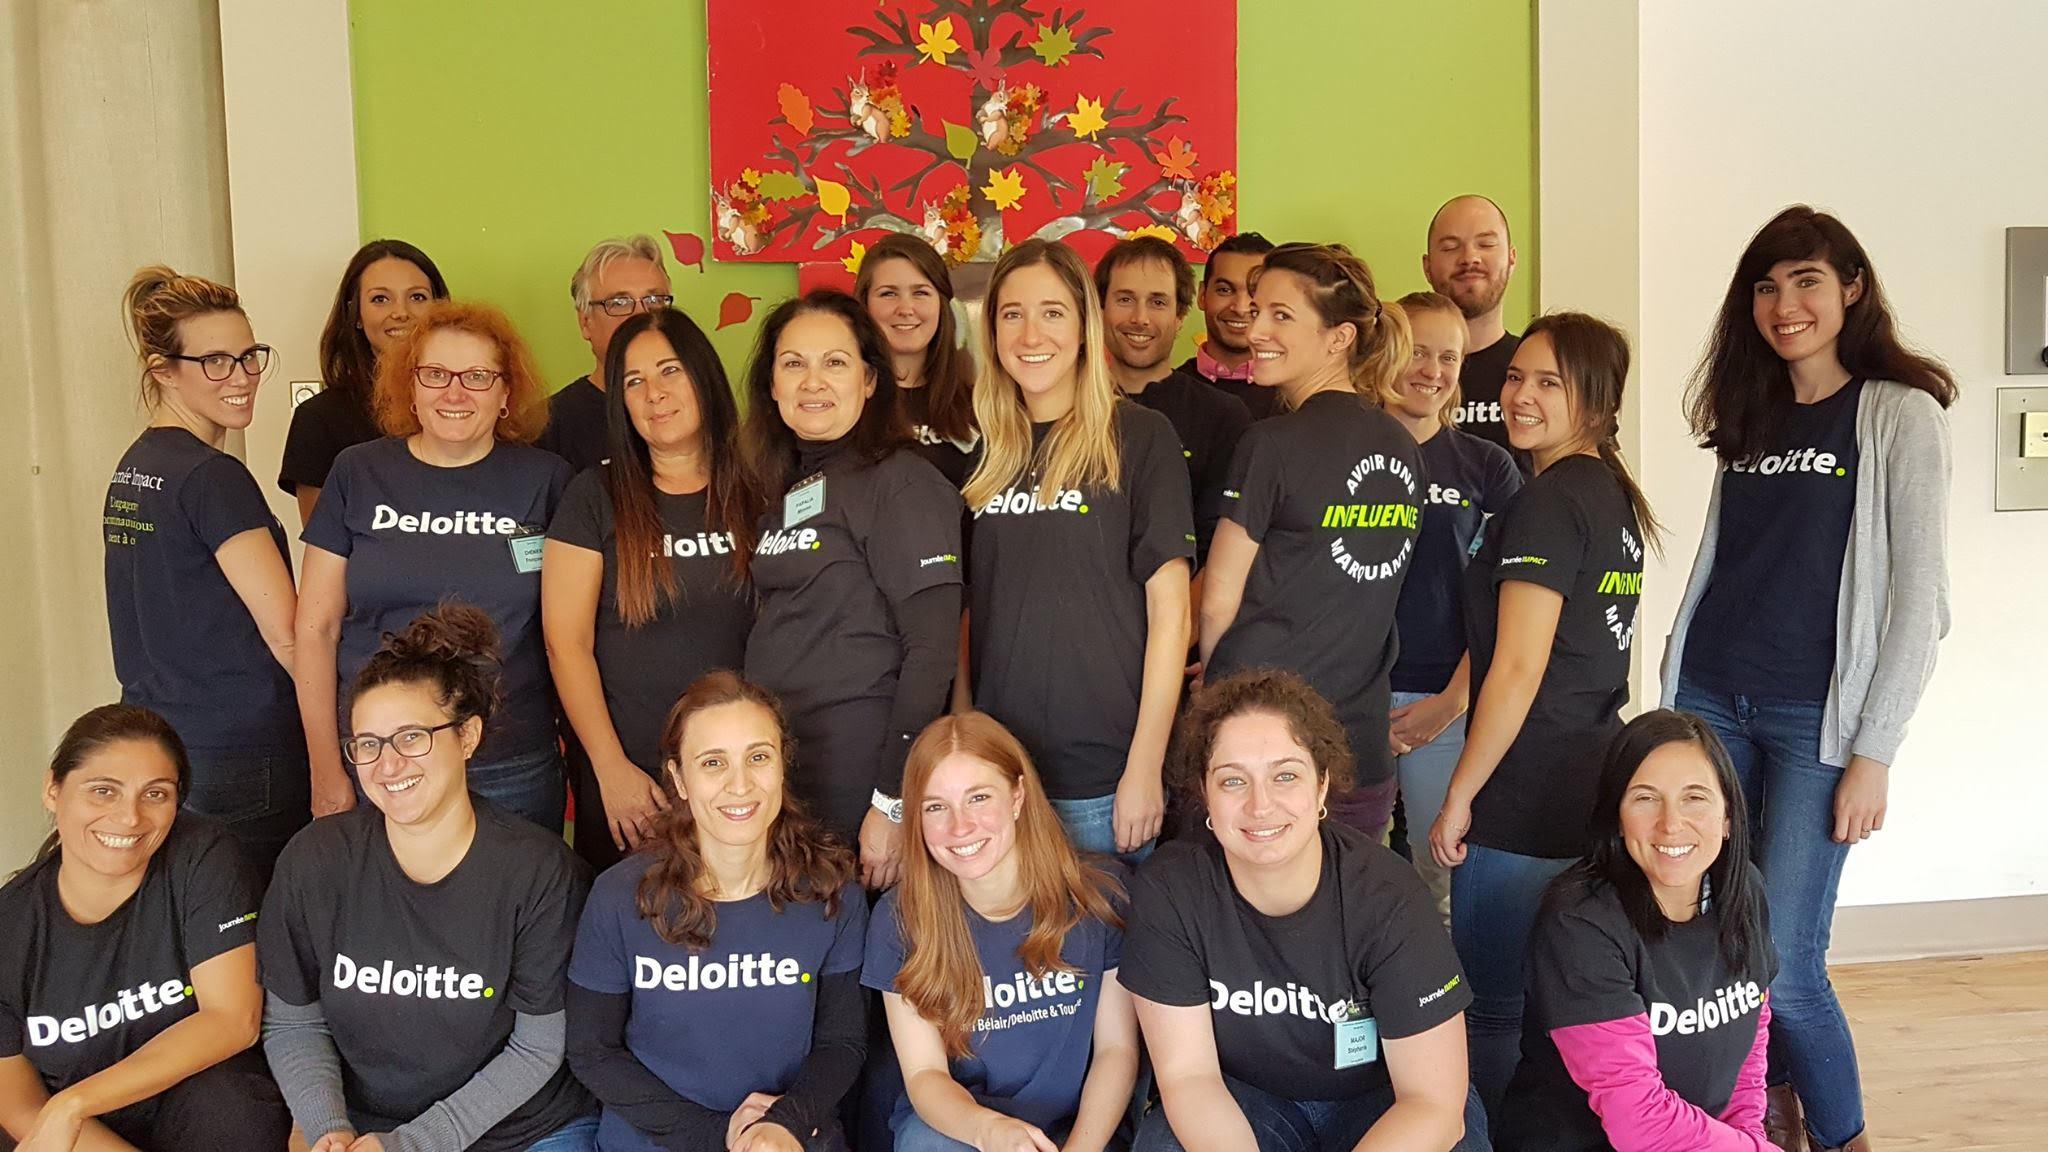 Les employés de Deloitte ont choisi de faire une différence en contribuant à la mission de la Fondation